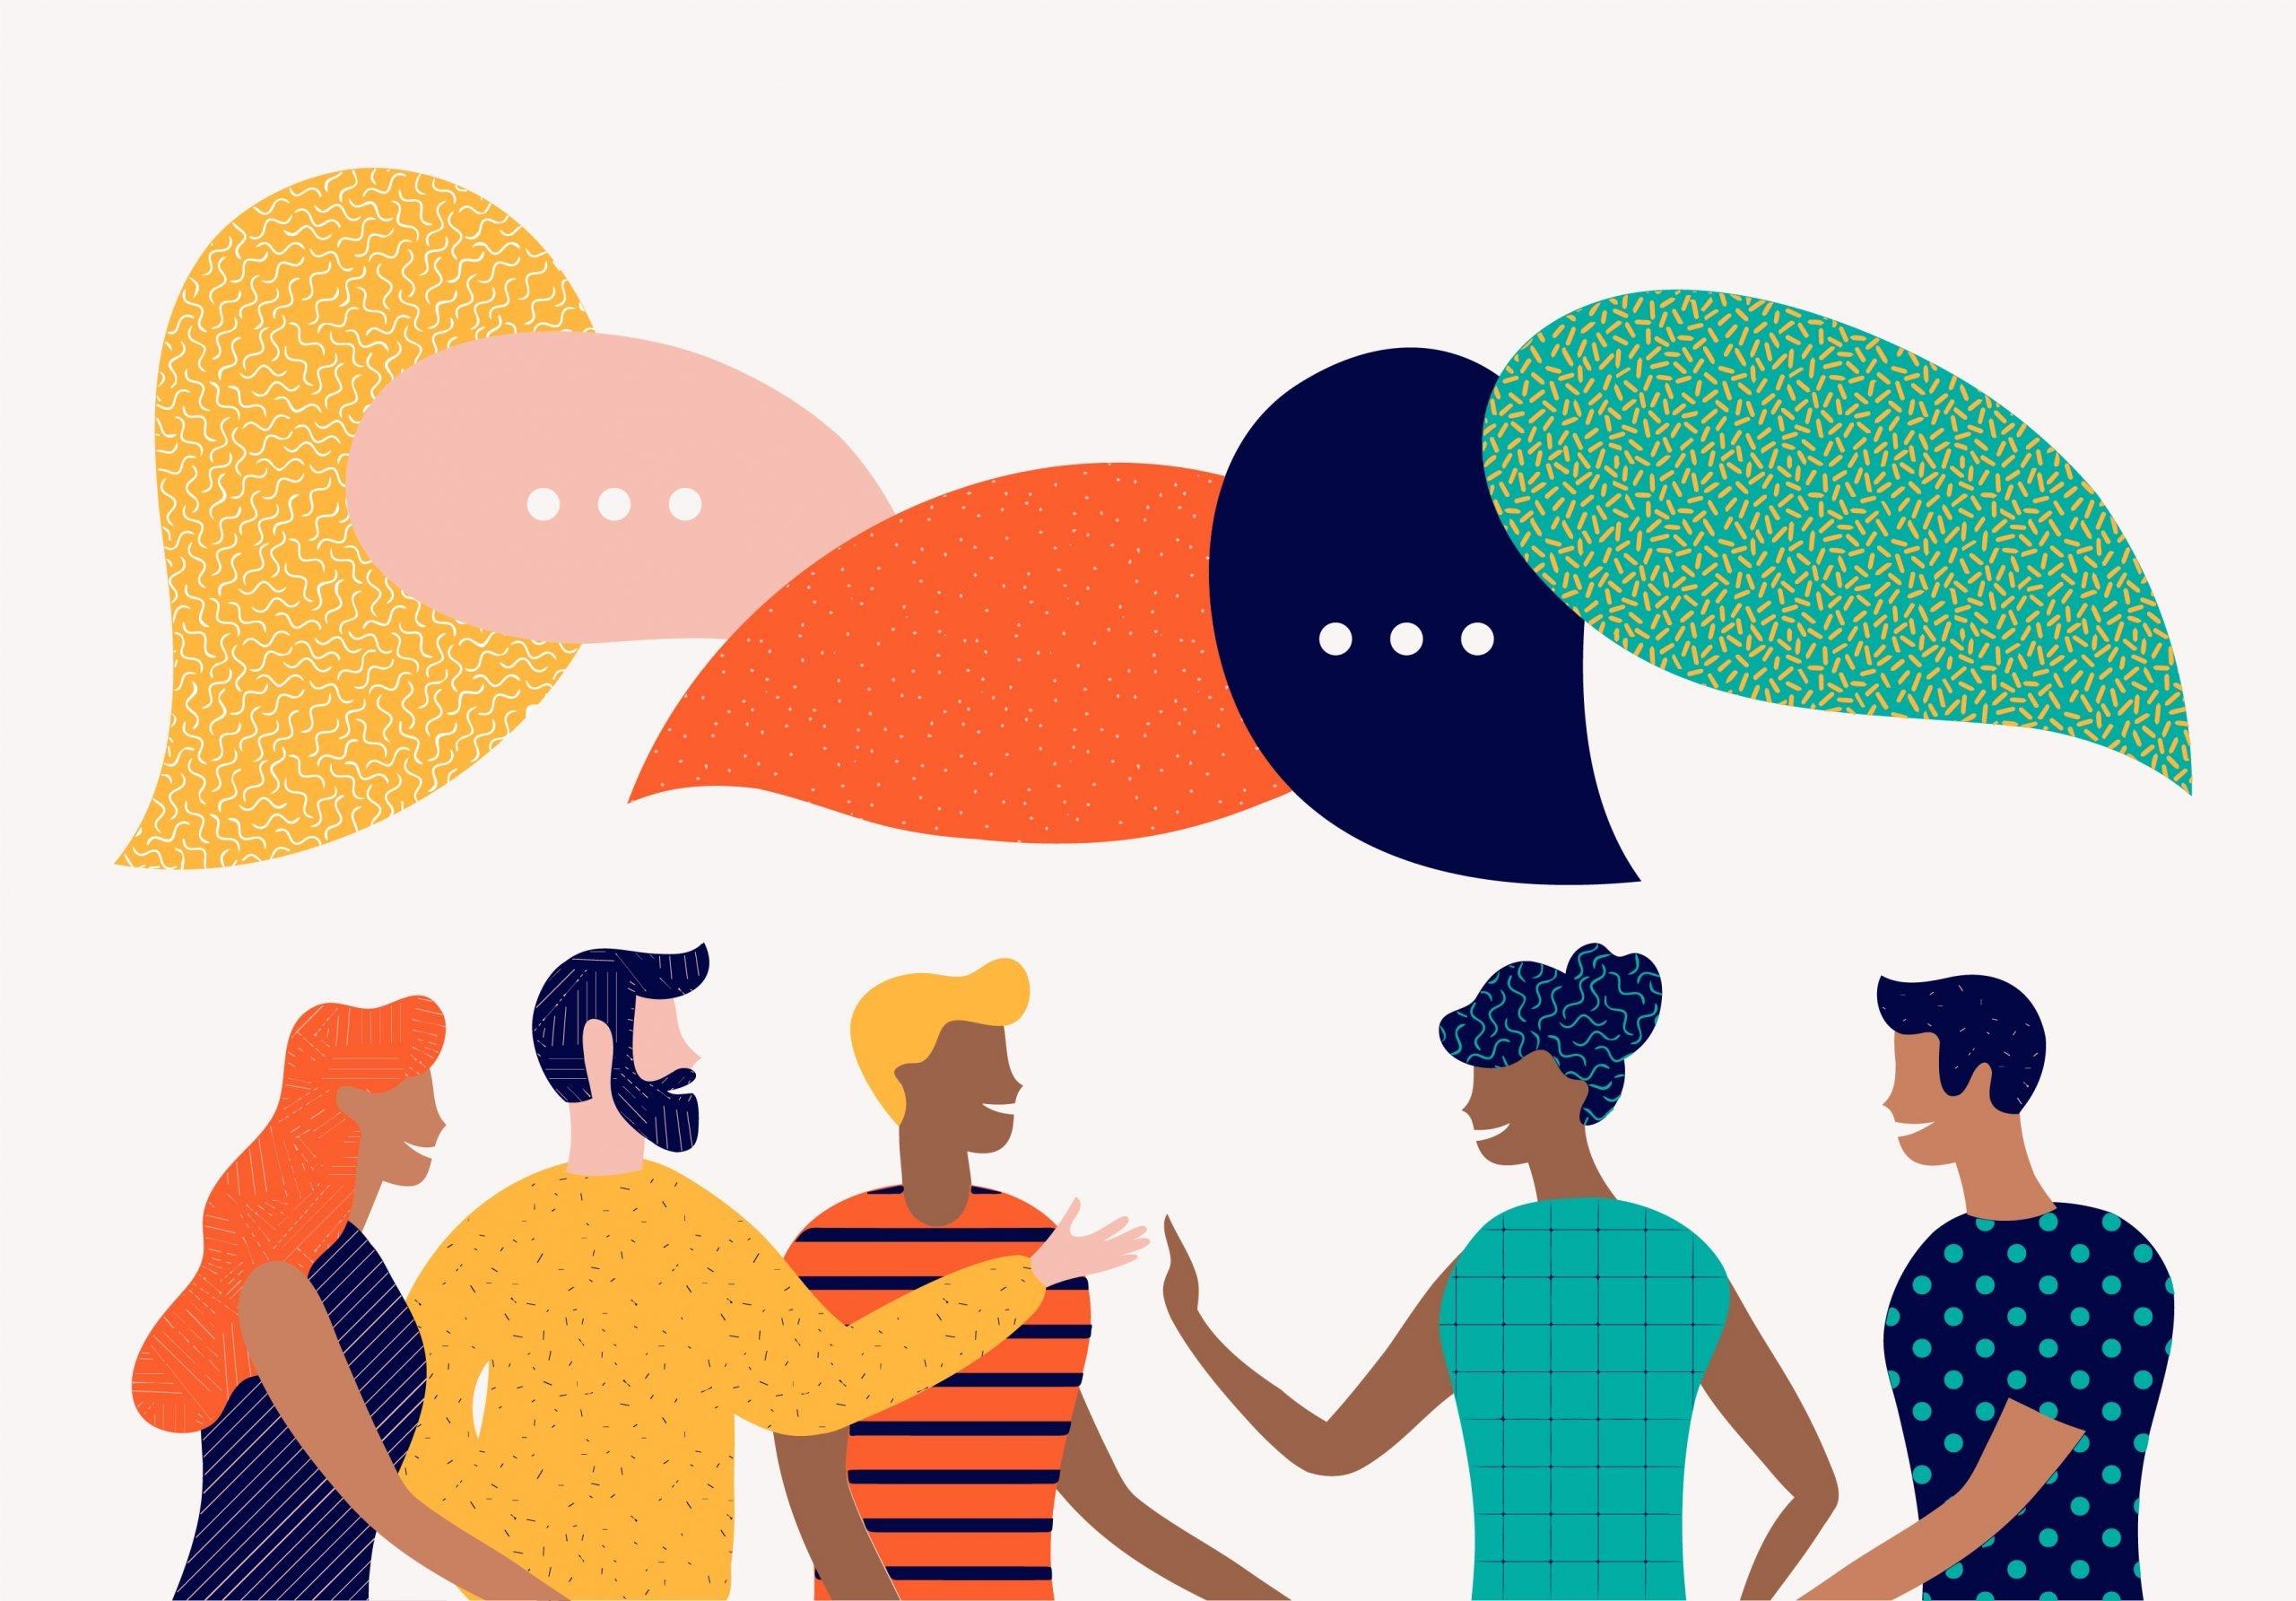 The Basic Elements of Communication